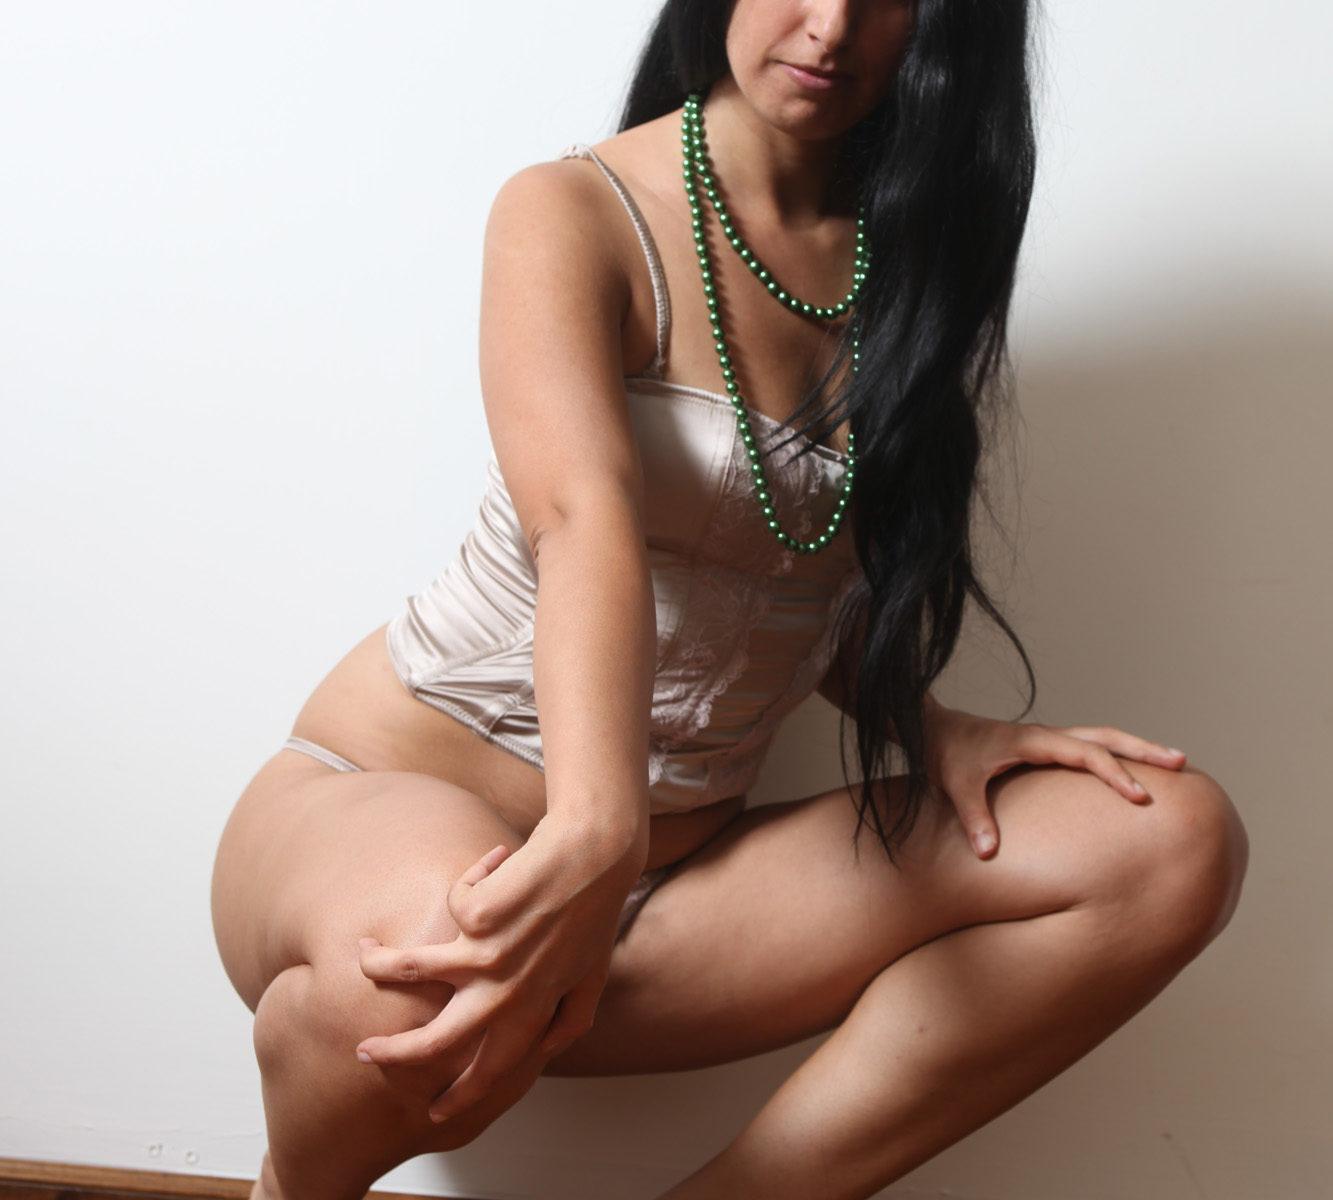 La pornostar Asia Morante